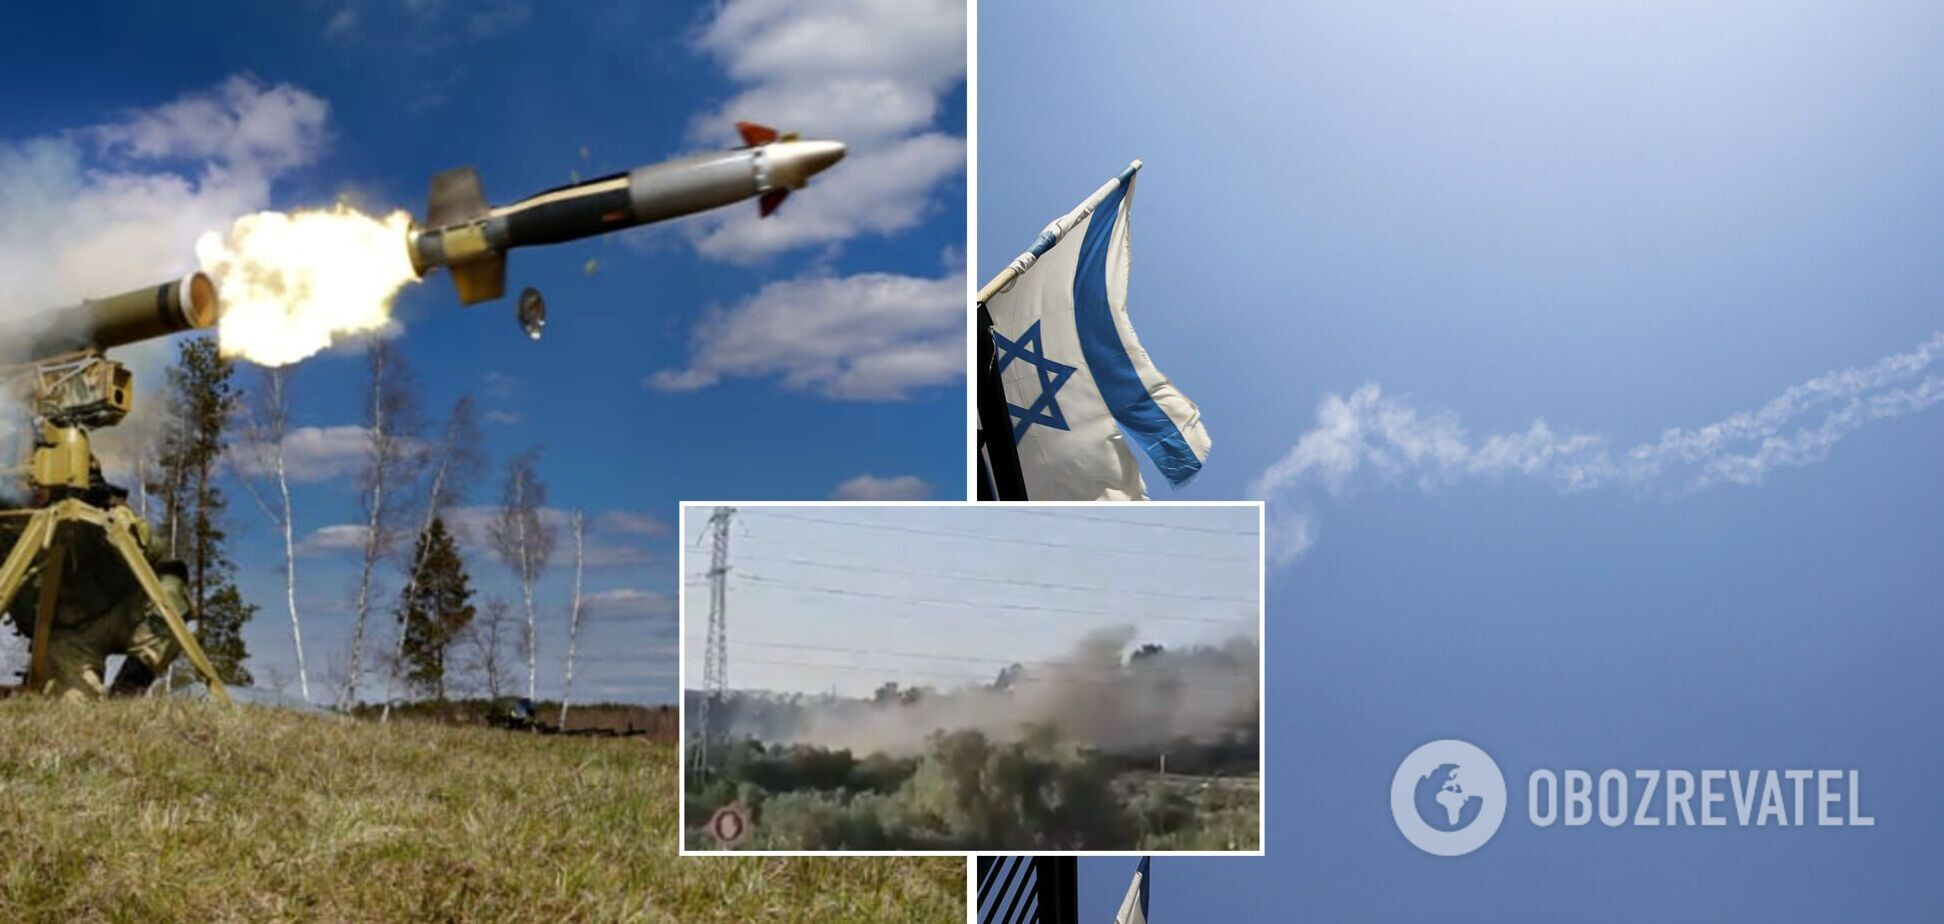 Из Газы по Израилю нанесли ракетные удары: в ответ уничтожены боевики. Фото и видео